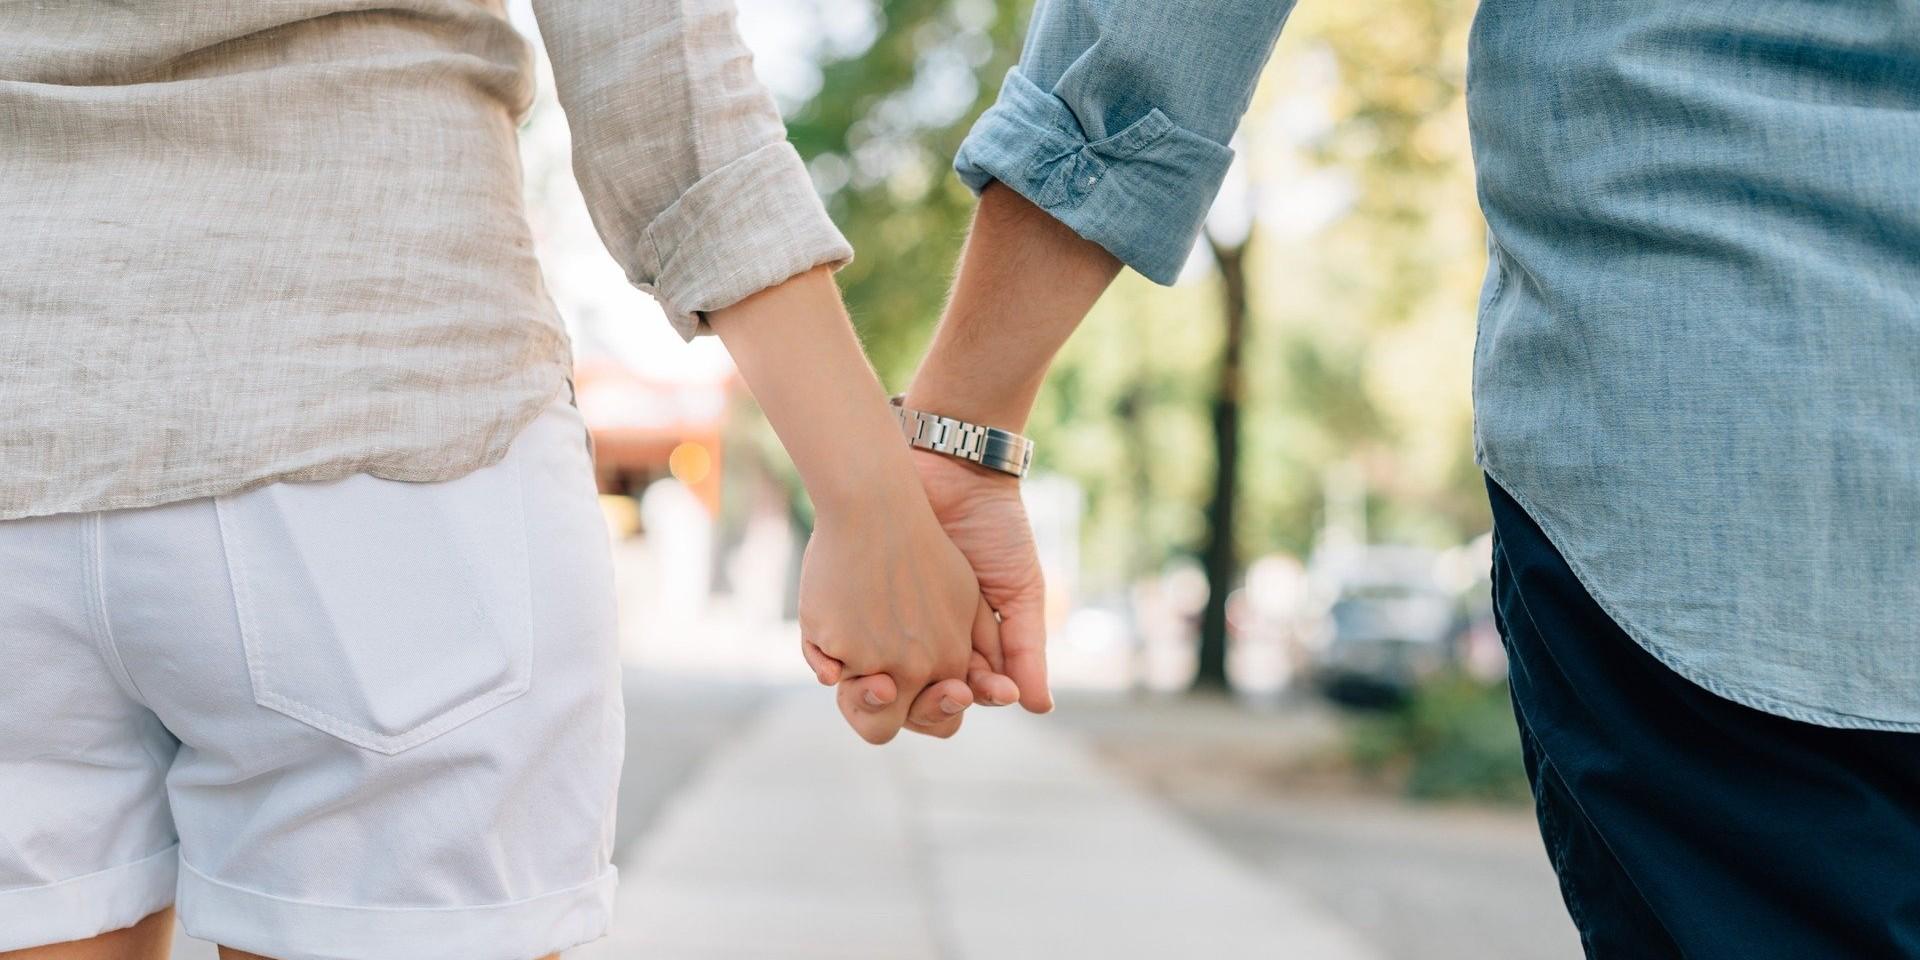 LA QUESTION SEXO - Pourquoi mon copain change-t-il complètement de comportement en public ?